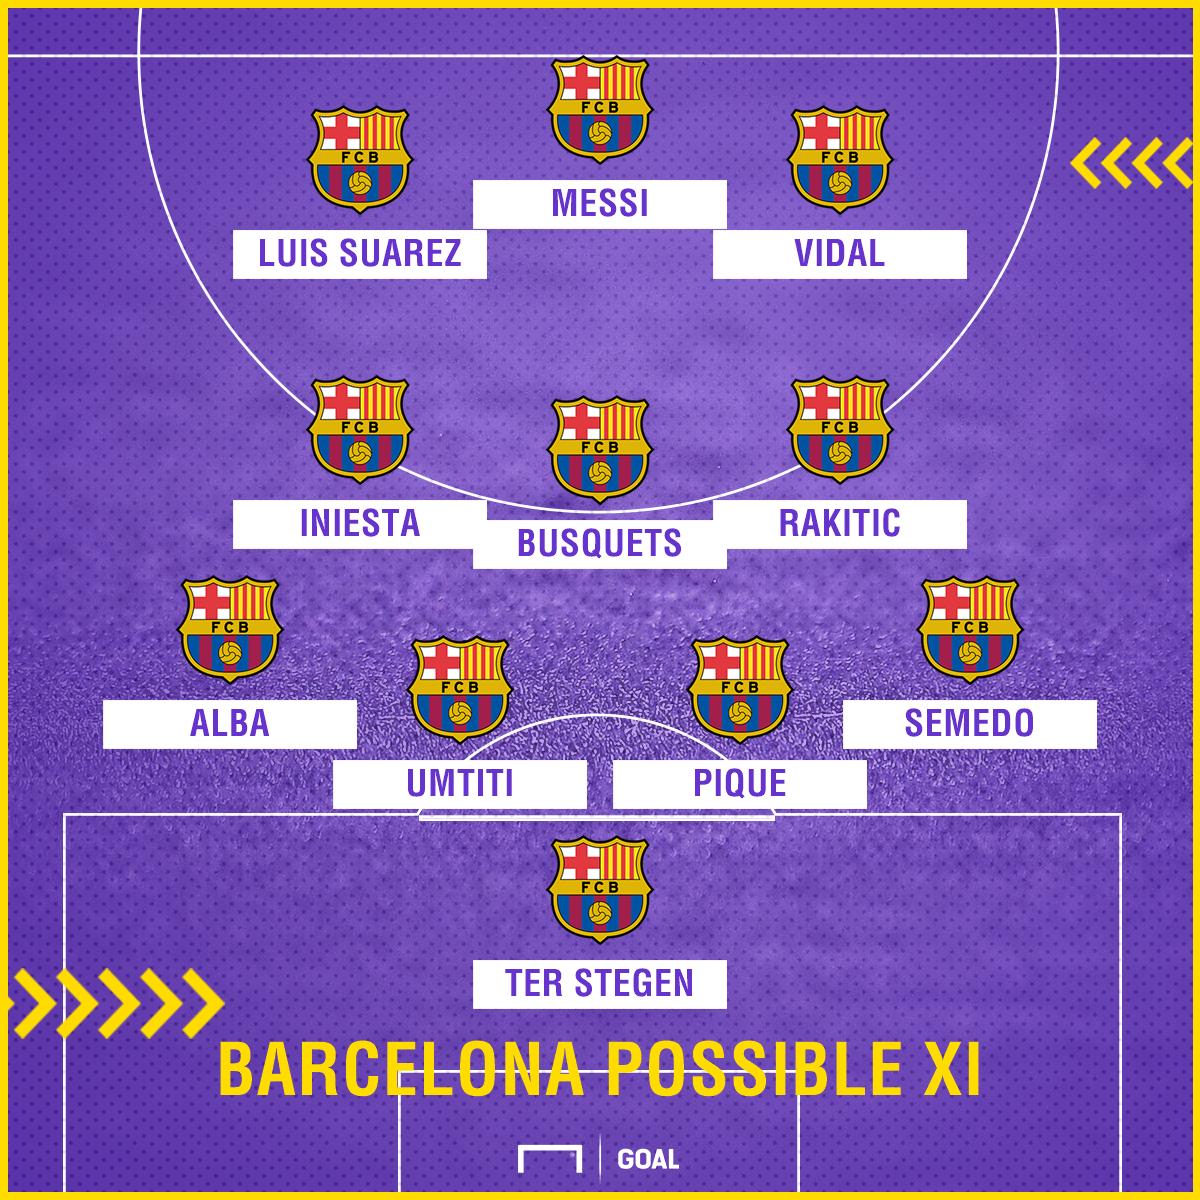 Barcelona possible XI Sevilla